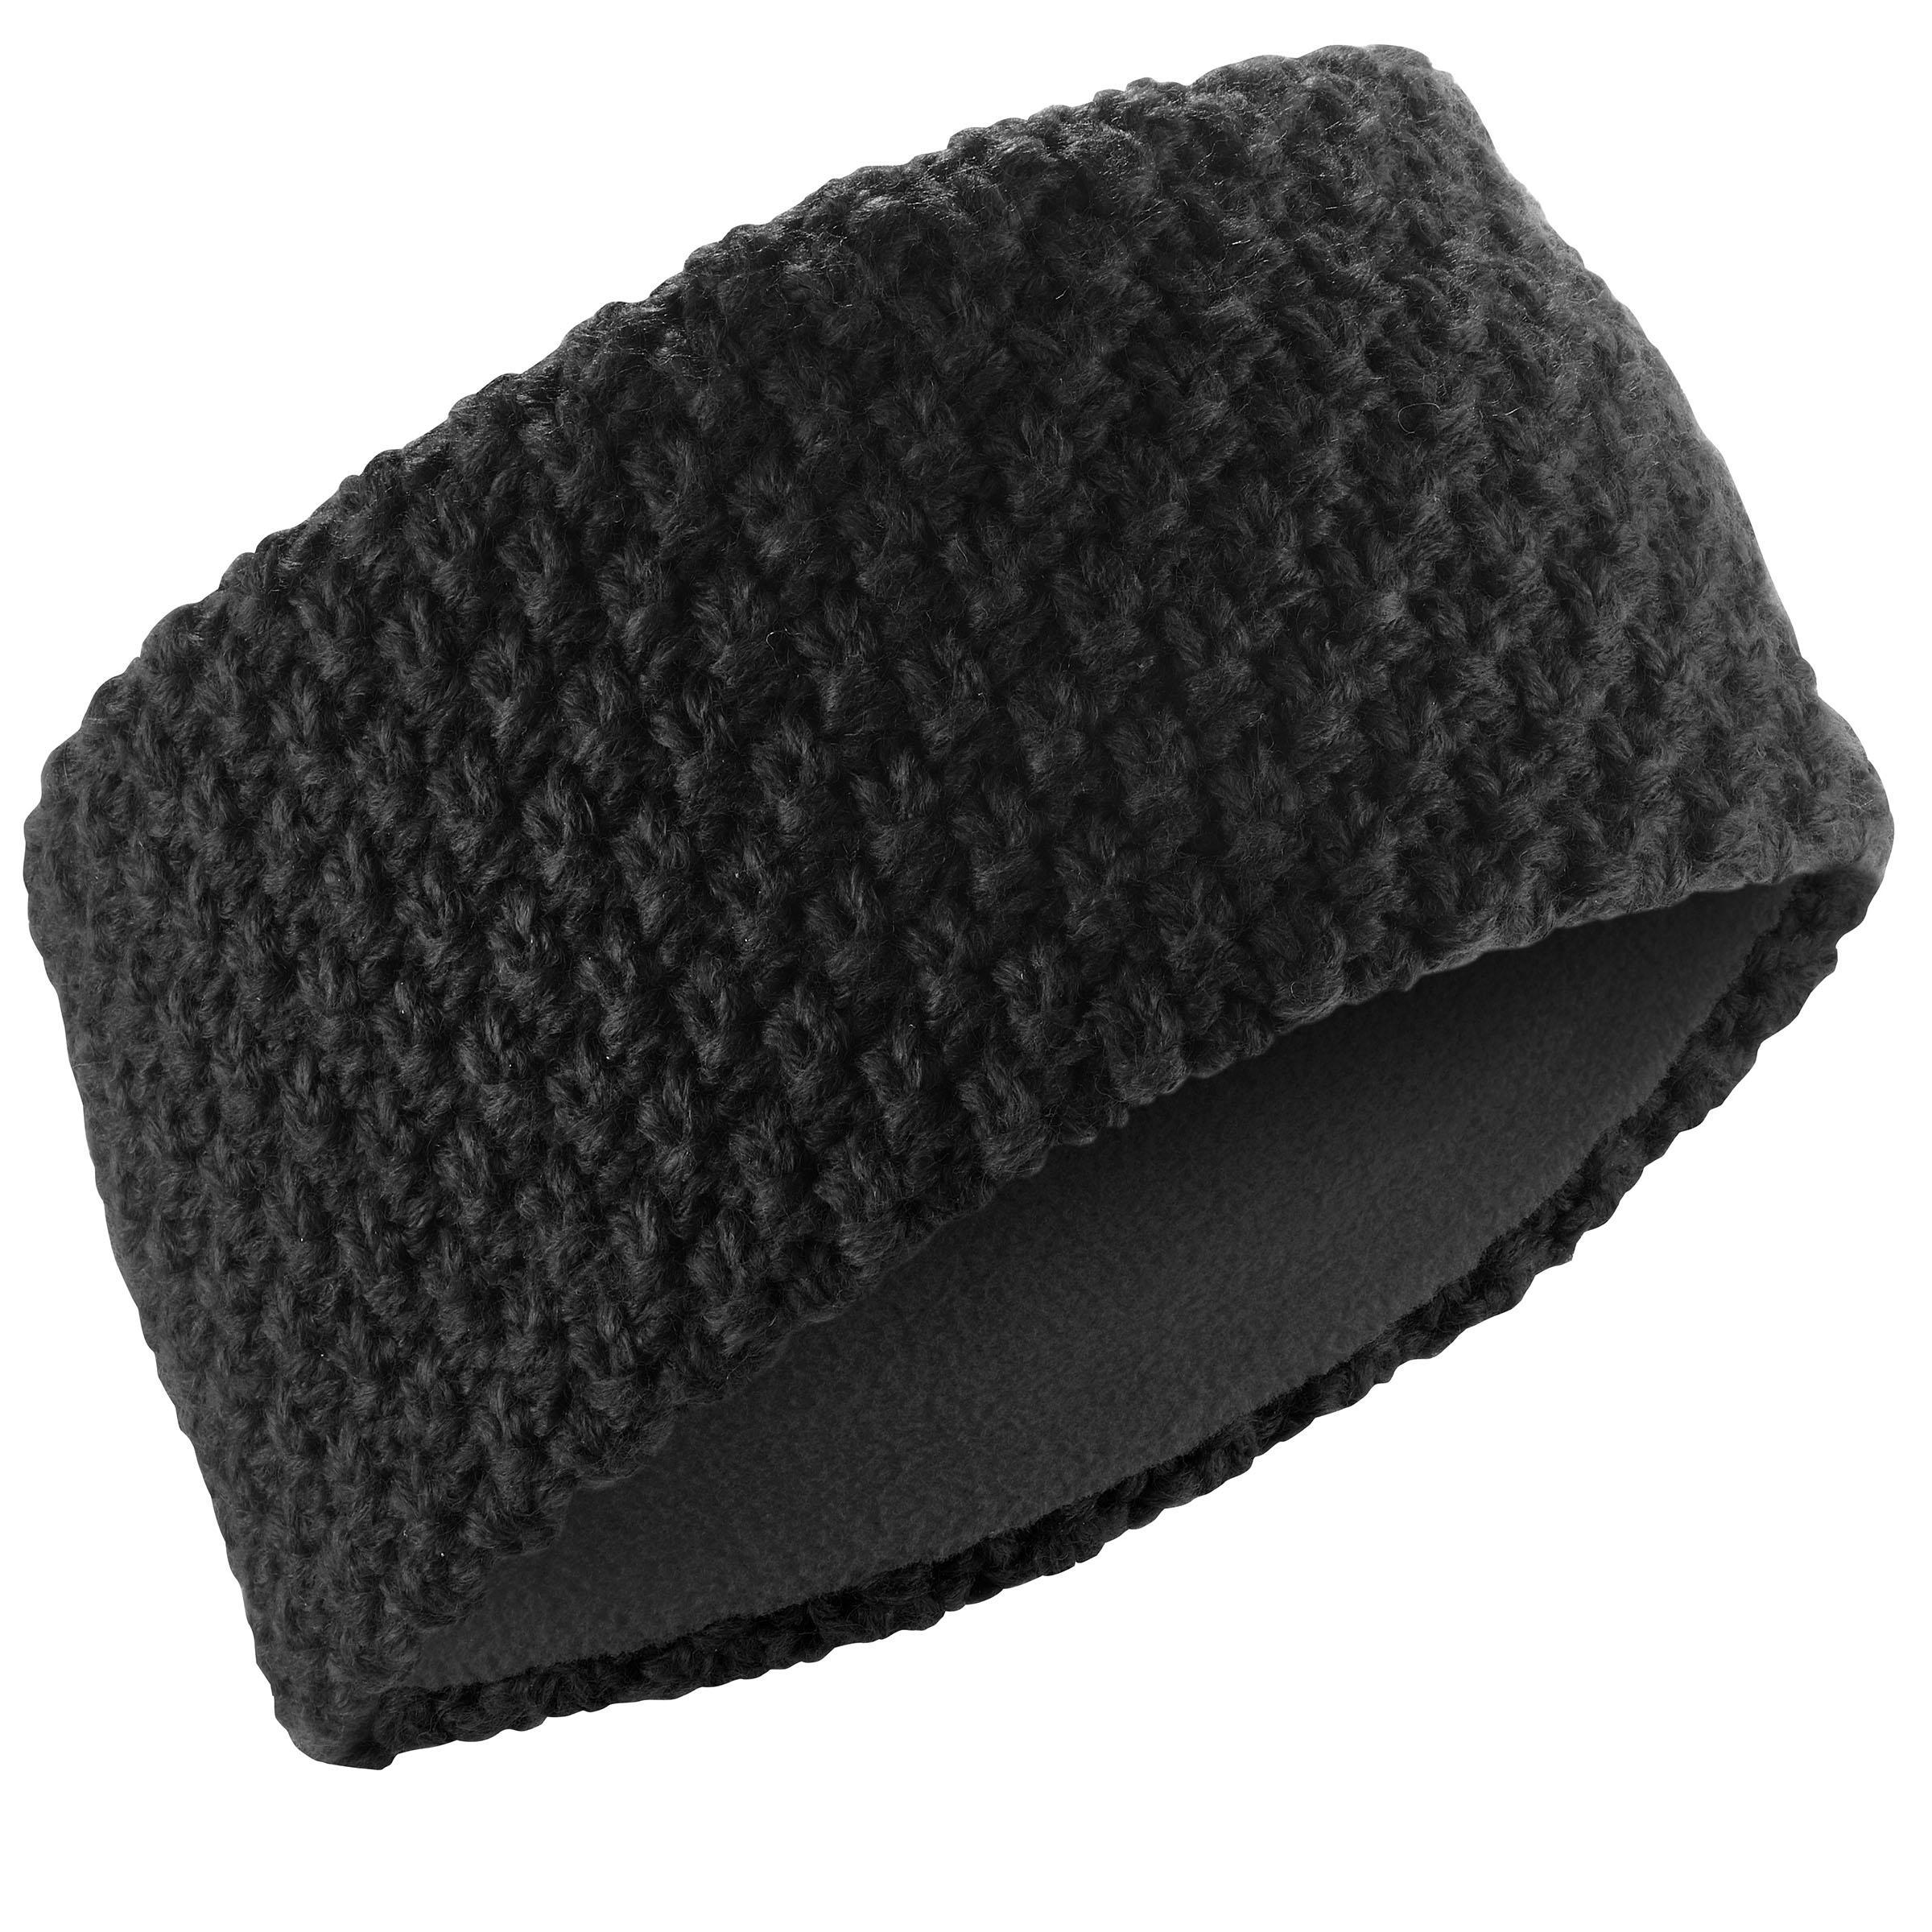 Stirnband Timeless Erwachsene schwarz   Accessoires > Mützen > Stirnbänder   Schwarz   Wed´ze